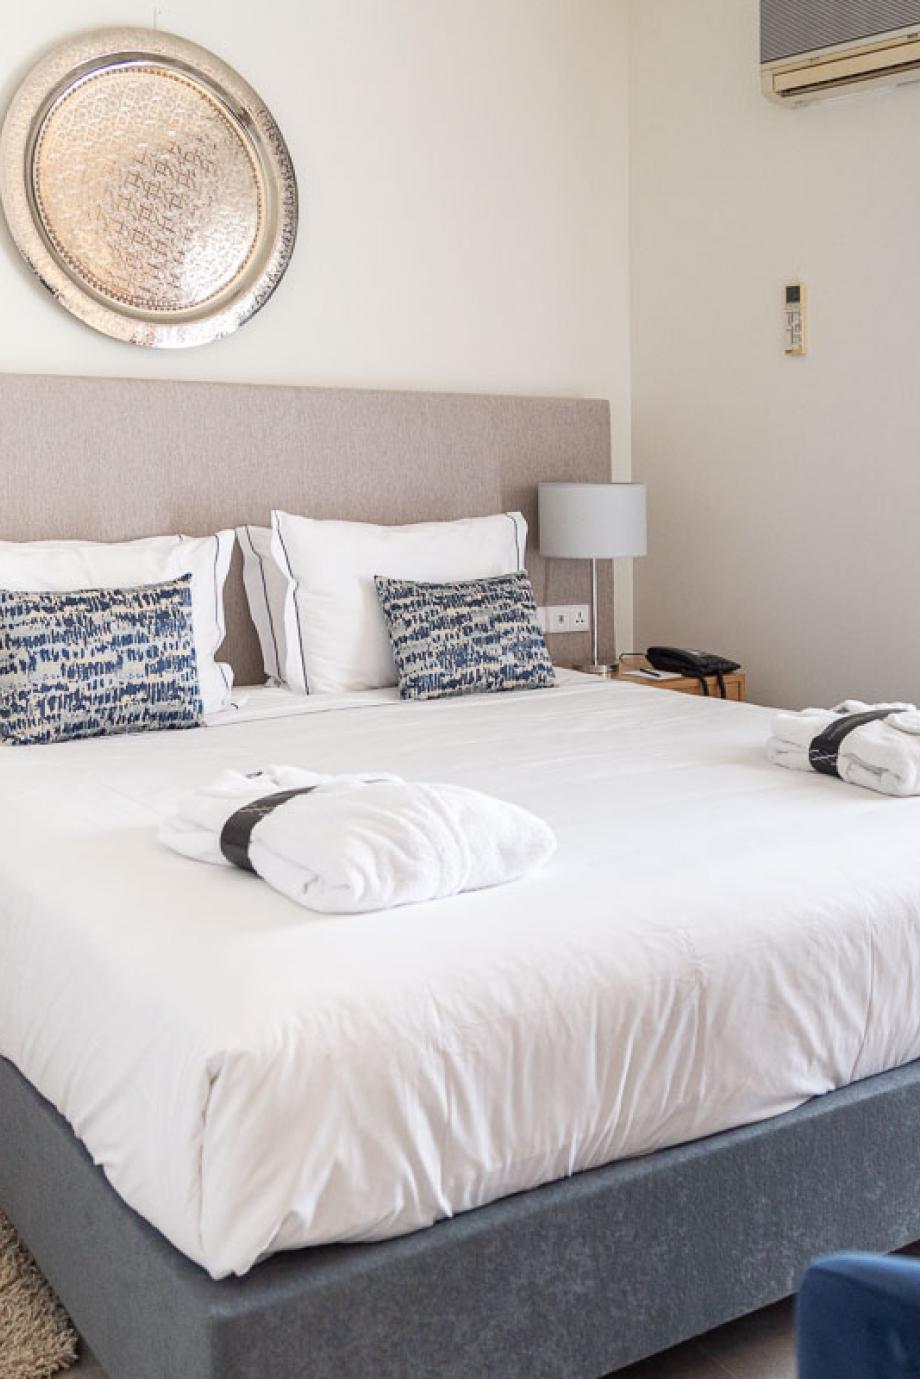 AlgarveCool_Dormir_Tivoli Lagos Algarve Resort